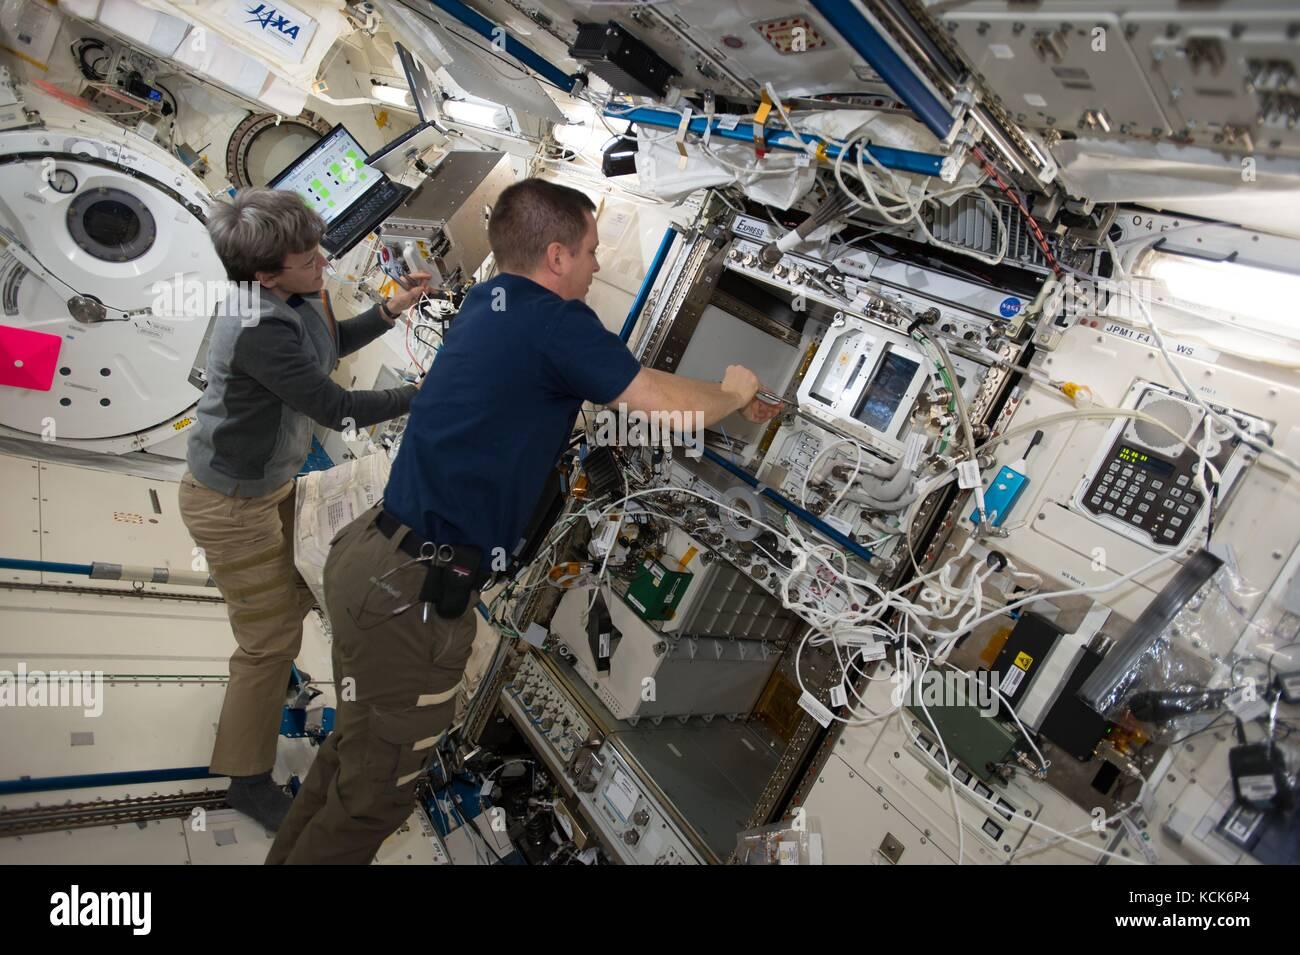 Die NASA ISS Expedition 51 prime Besatzungsmitglieder amerikanische Astronauten Peggy Whitson (links) und jack Fischer arbeiten im Inneren das japanische Labor Kibo Modul am 1. August 2017 in der Erdumlaufbahn. (Foto: Nasa Foto über planetpix) Stockfoto